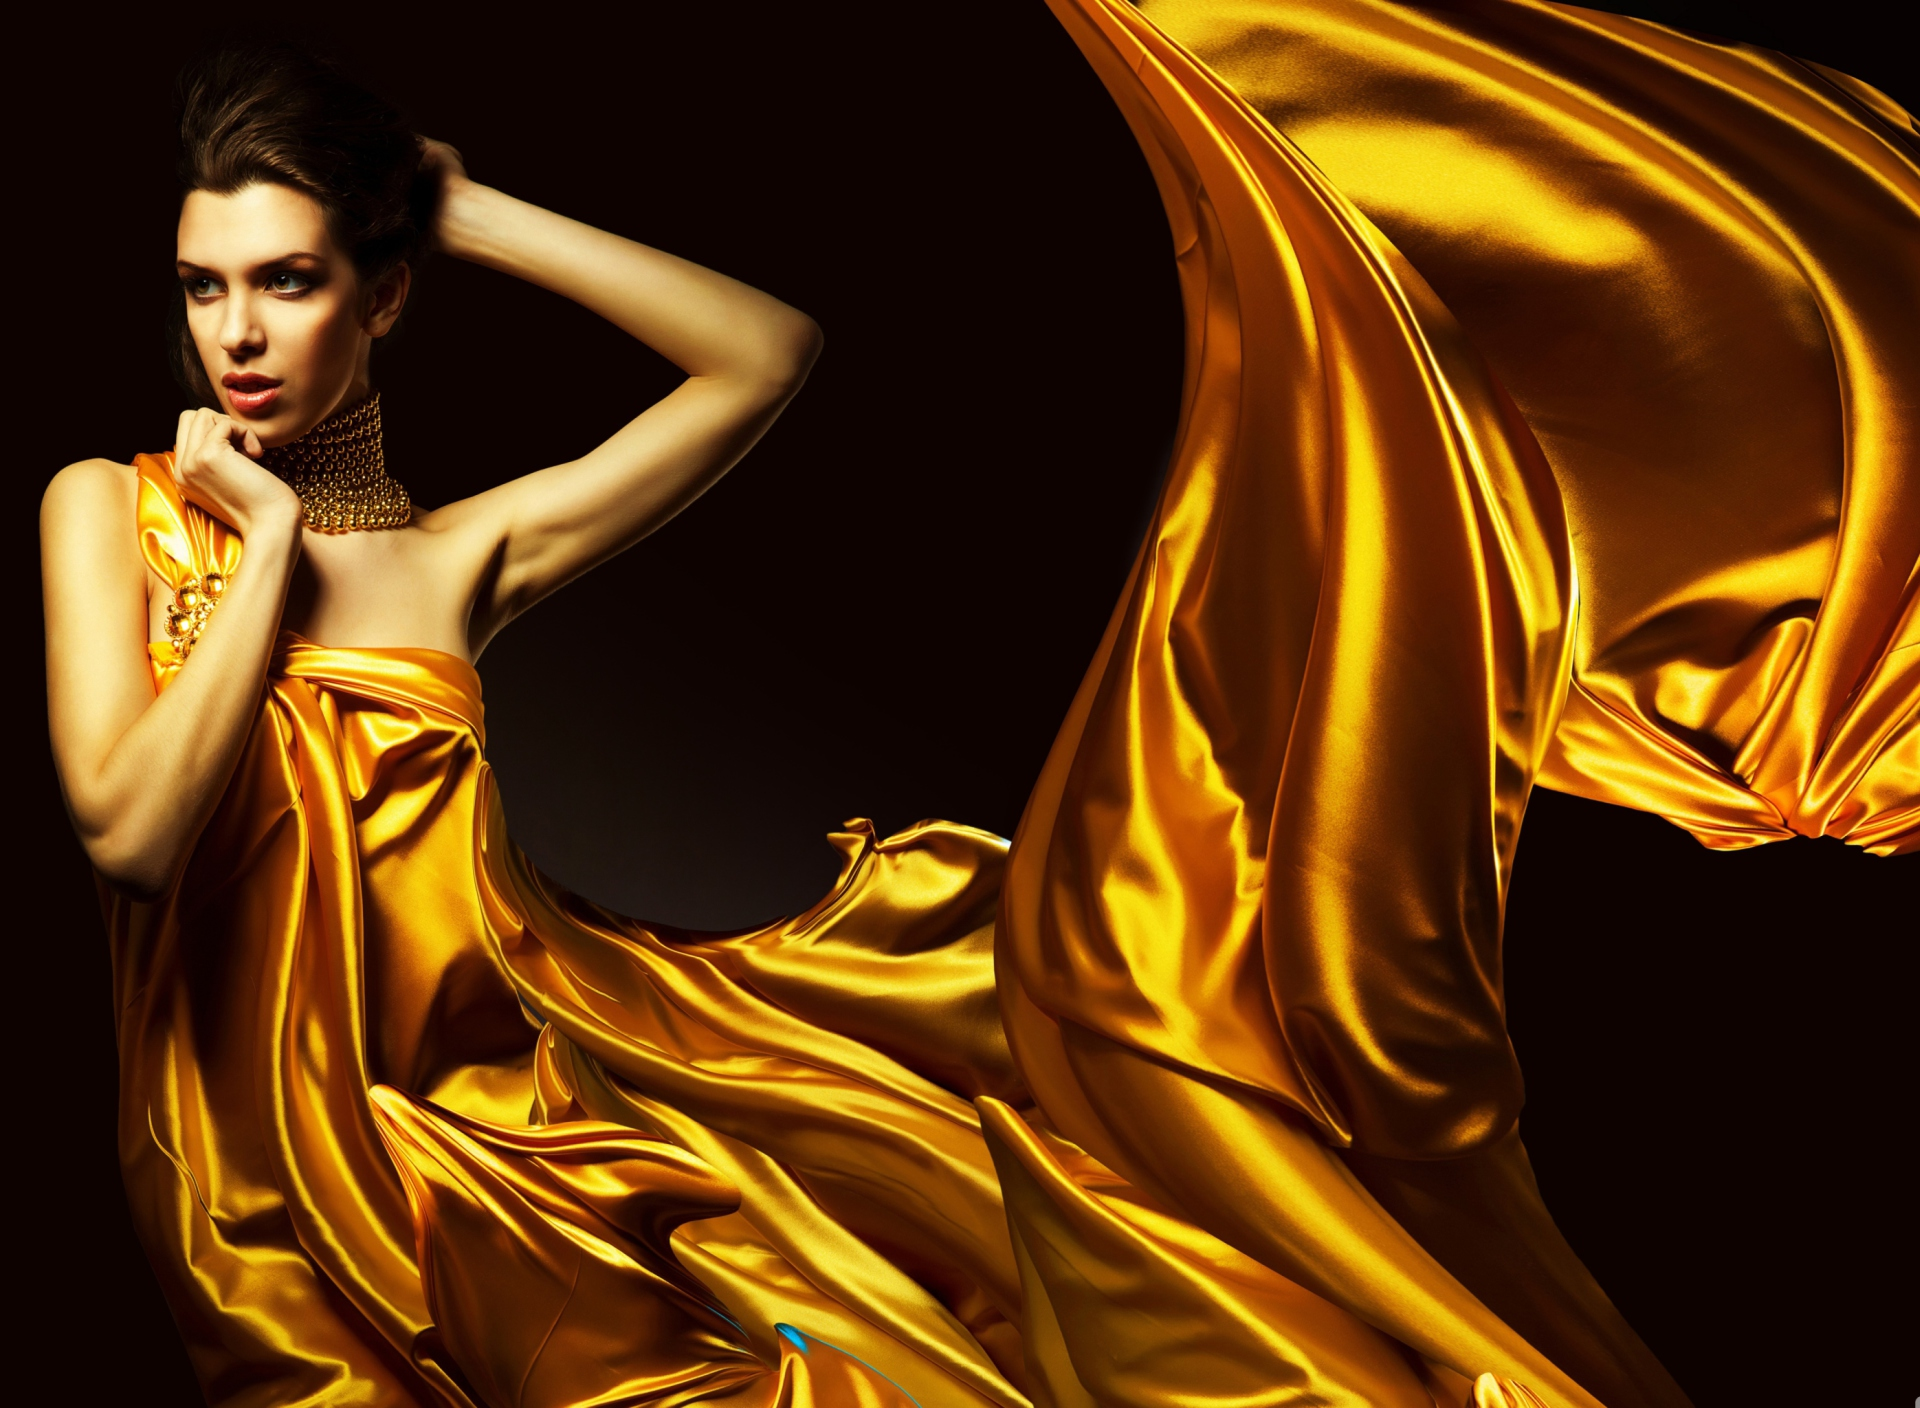 красотка, корзина, желтое платье скачать